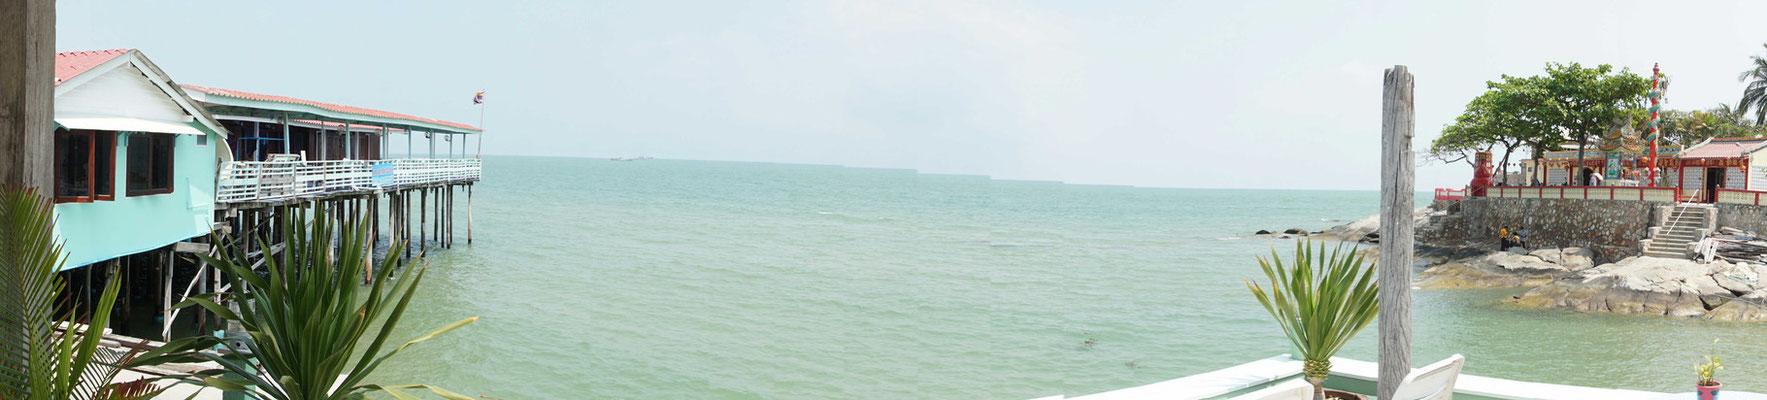 Blick von der Terrasse über das Meer...